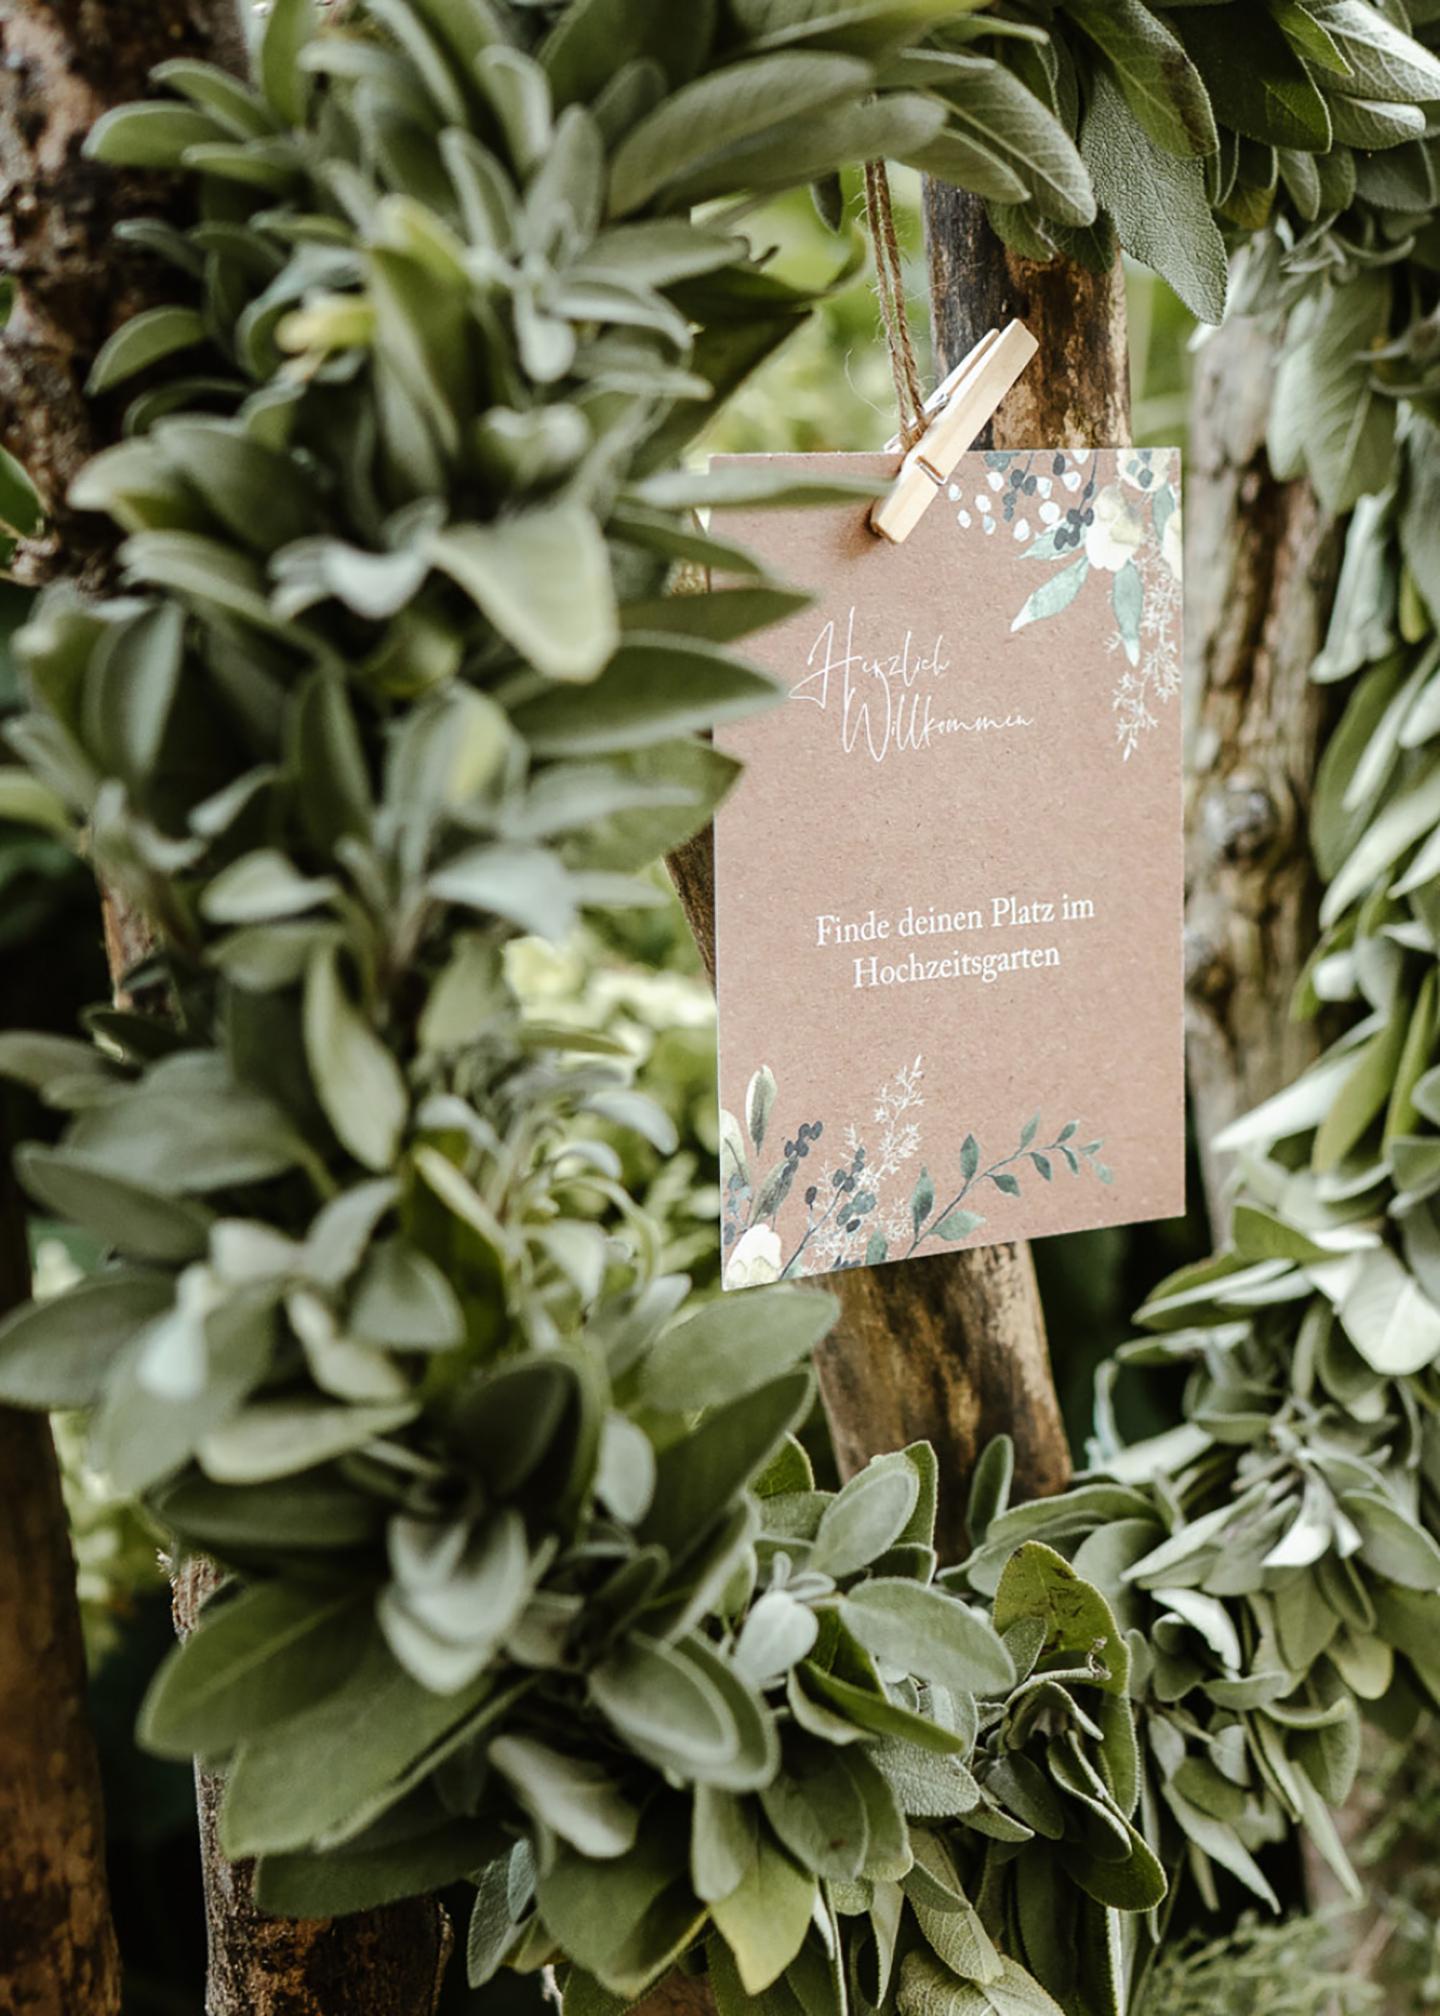 Ein grüner Kranz aus Blättern wird mittig von dem Willkommensschild geziert.